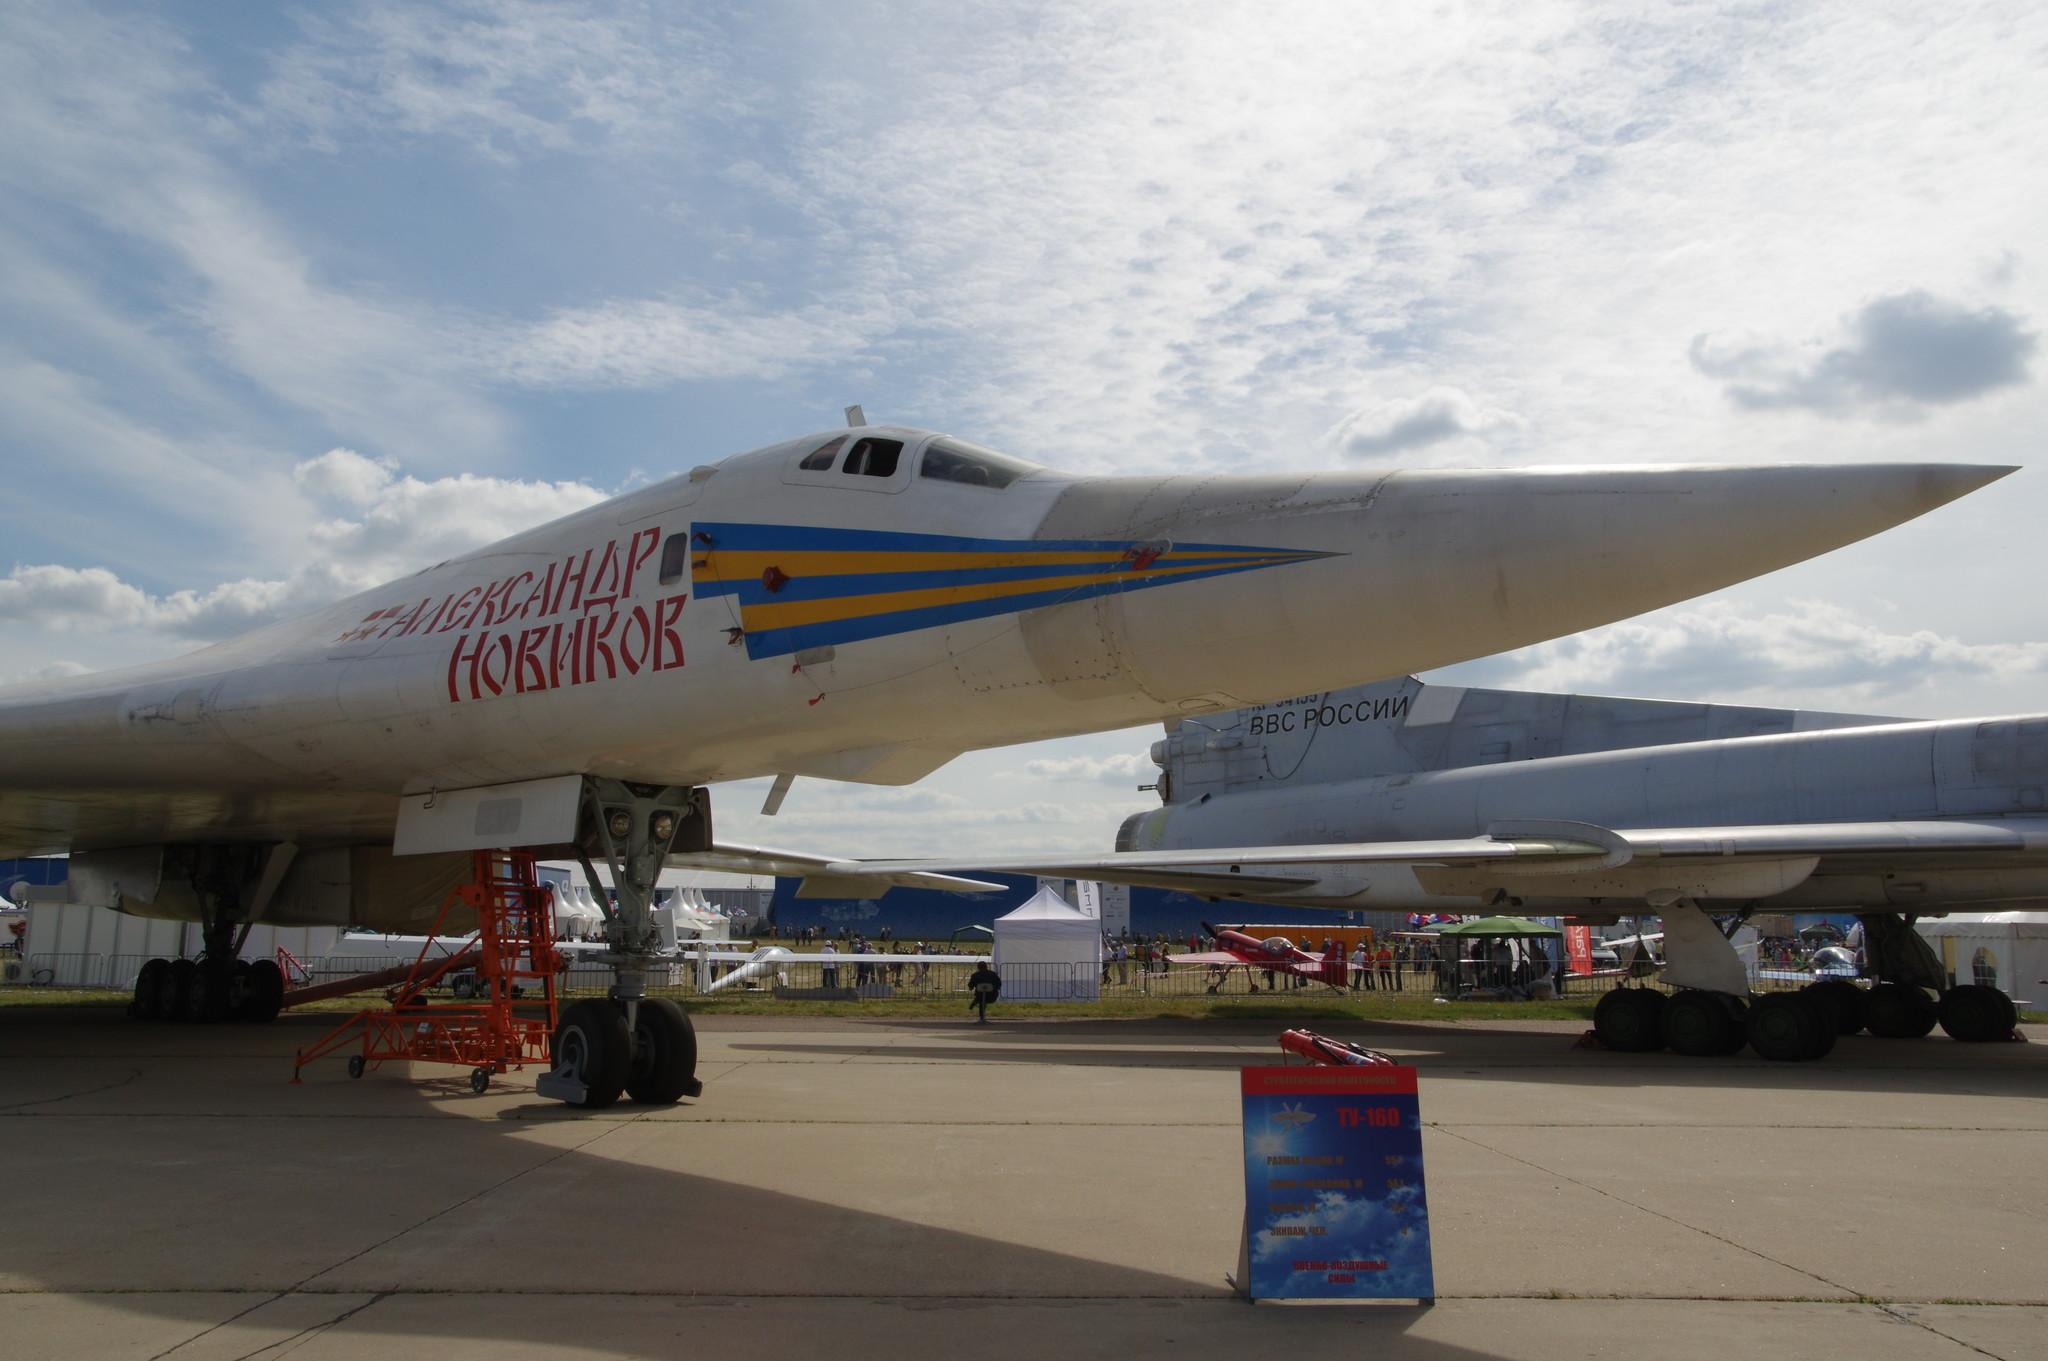 Большинство стратегических ракетоносцев Ту-160 имеют собственные имена. «Александр Новиков» - бортовой номер самолёта 12